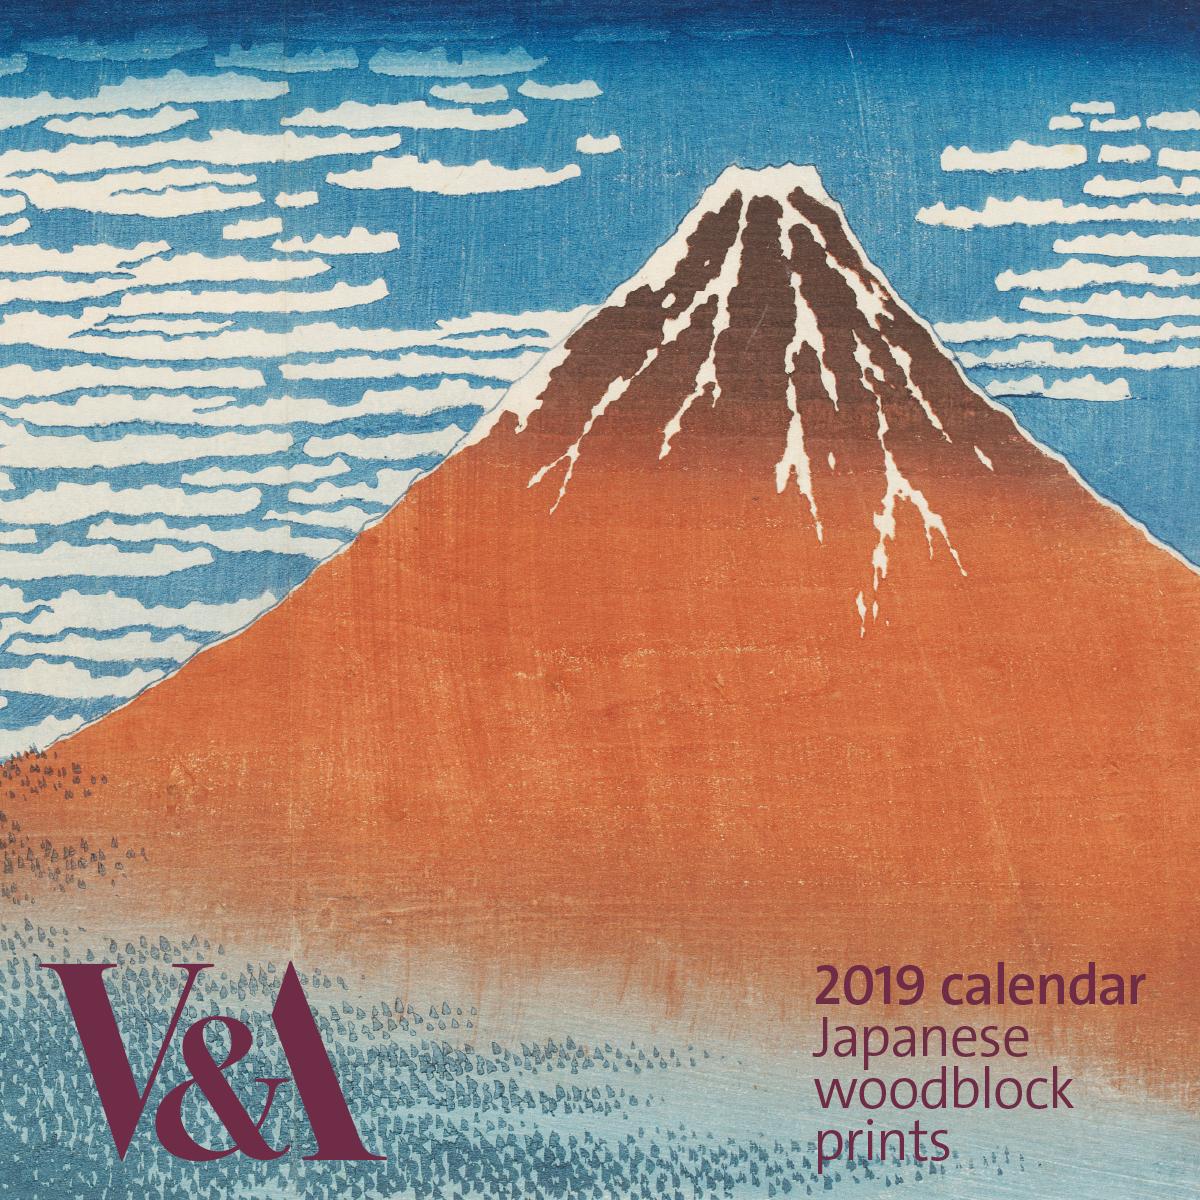 va 2019 japanese calendar